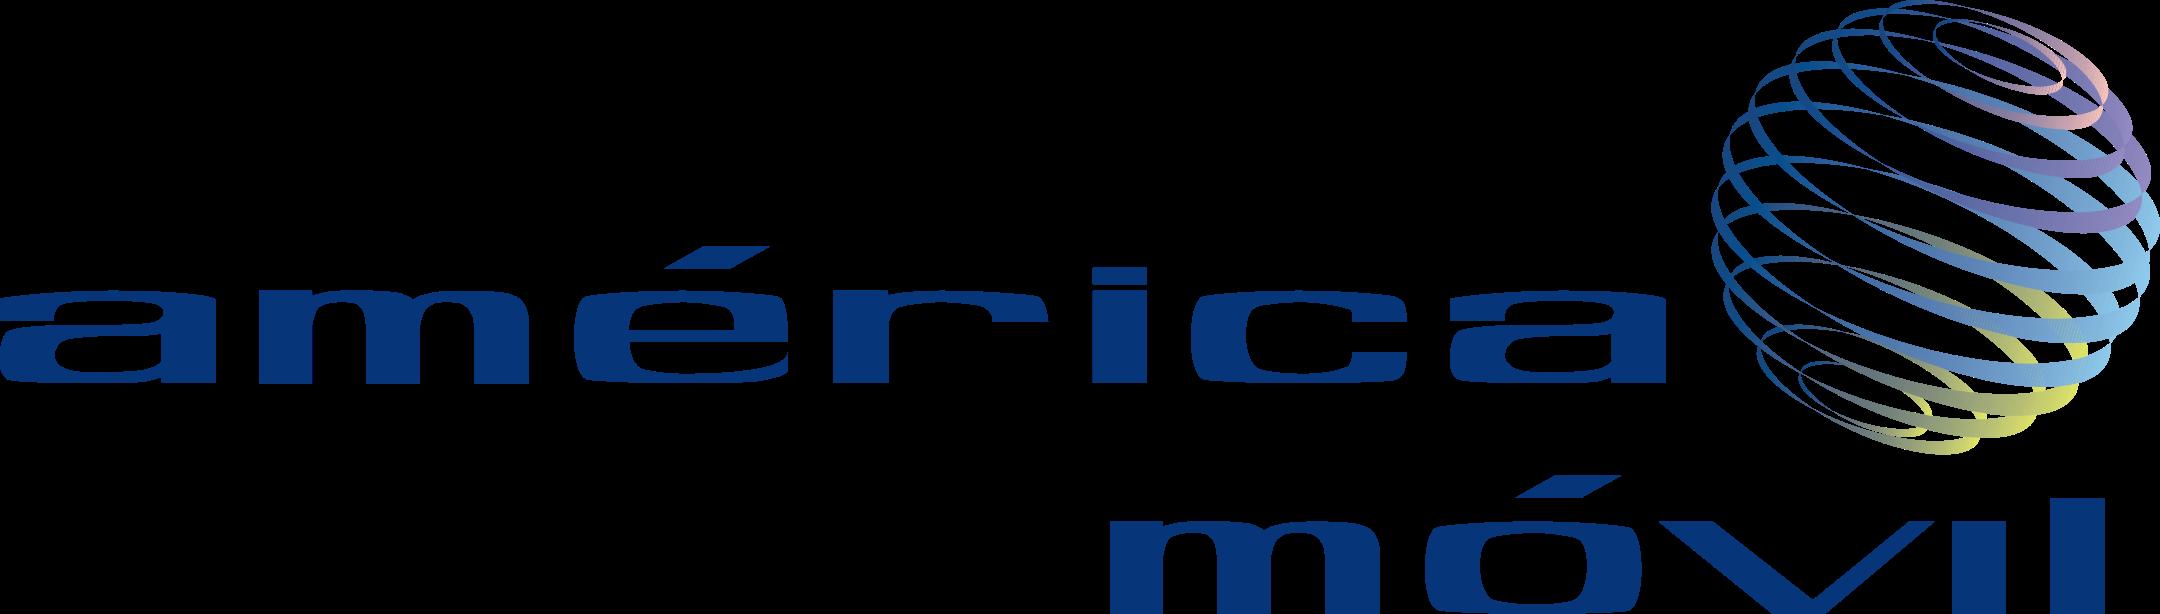 america movil logo 1 - América Móvil Logo